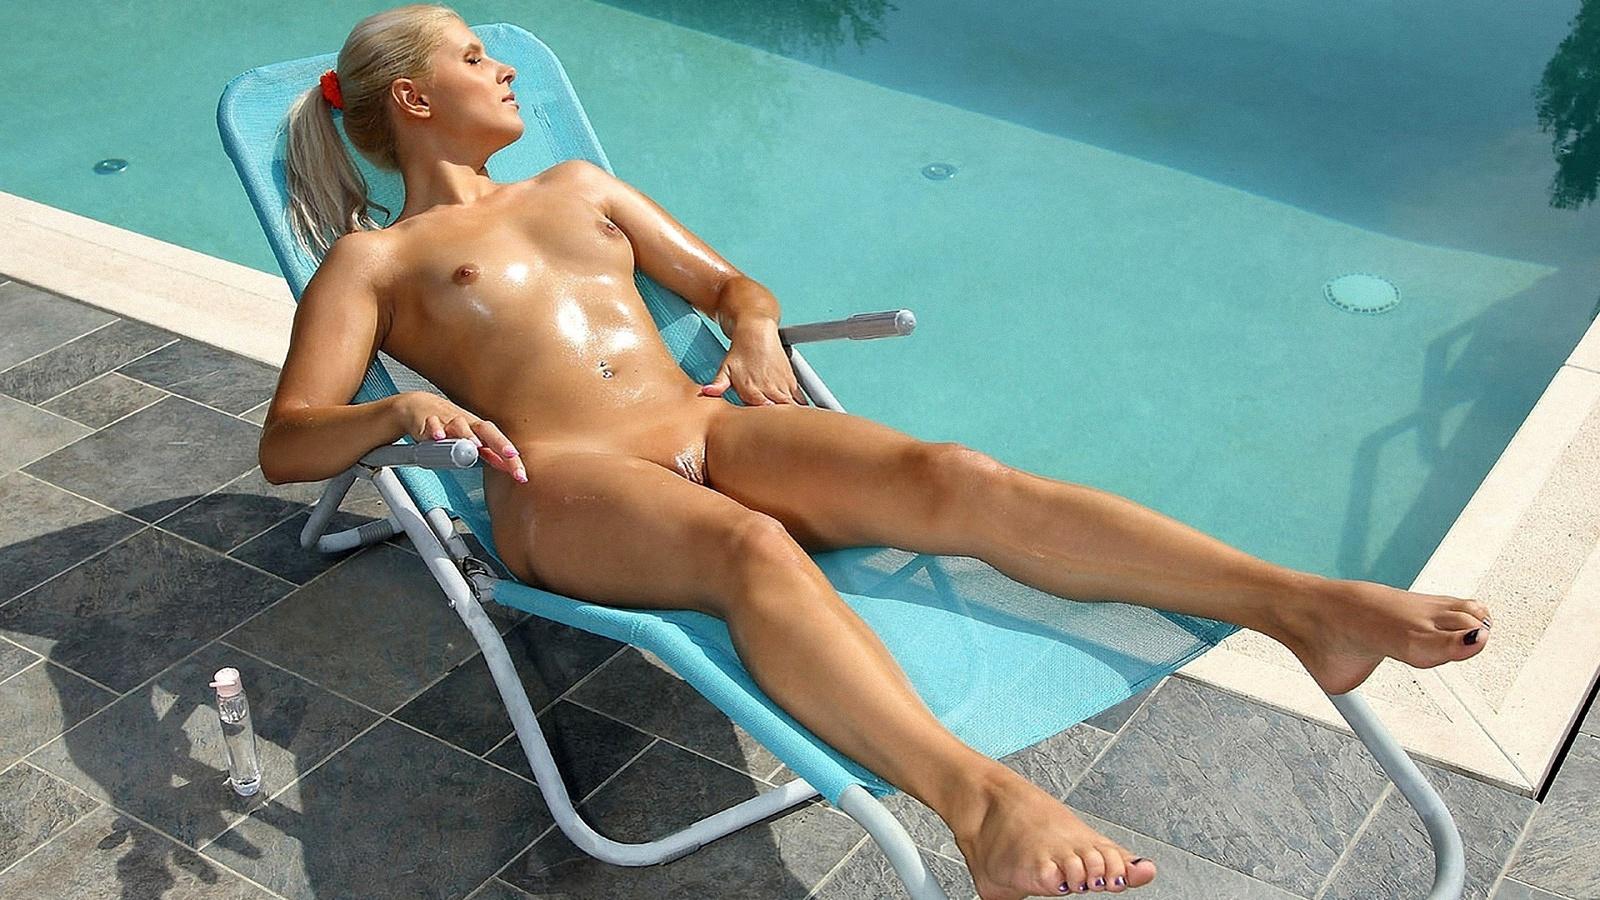 ekstrim-mikro-bikini-porno-foto